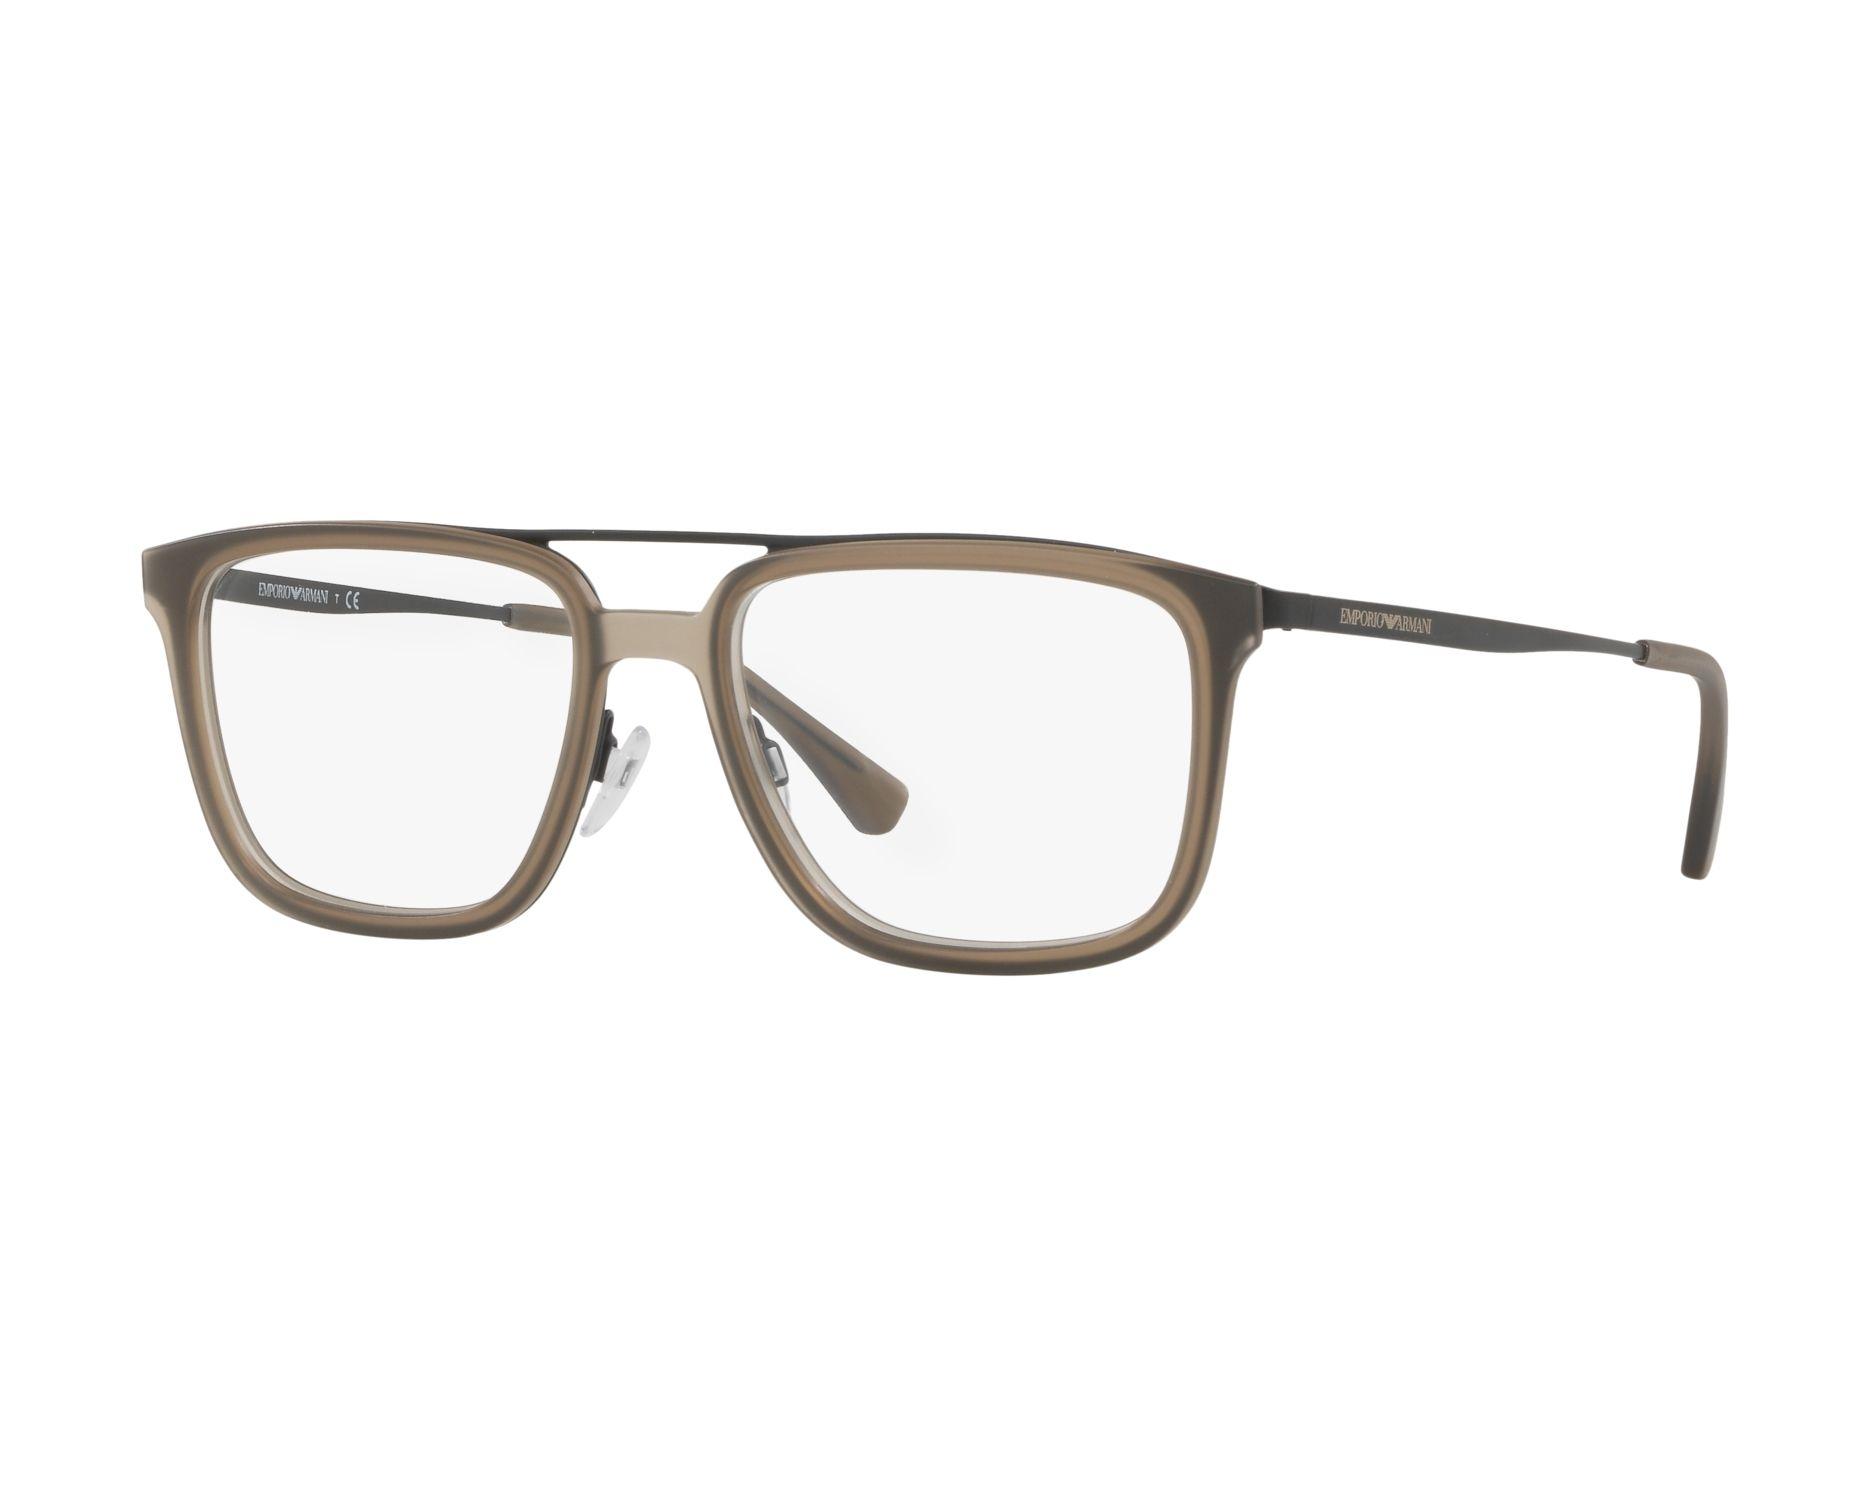 d7570bf29ee266 Brillen Emporio Armani EA-1073 3001 54-18 schwarz grau